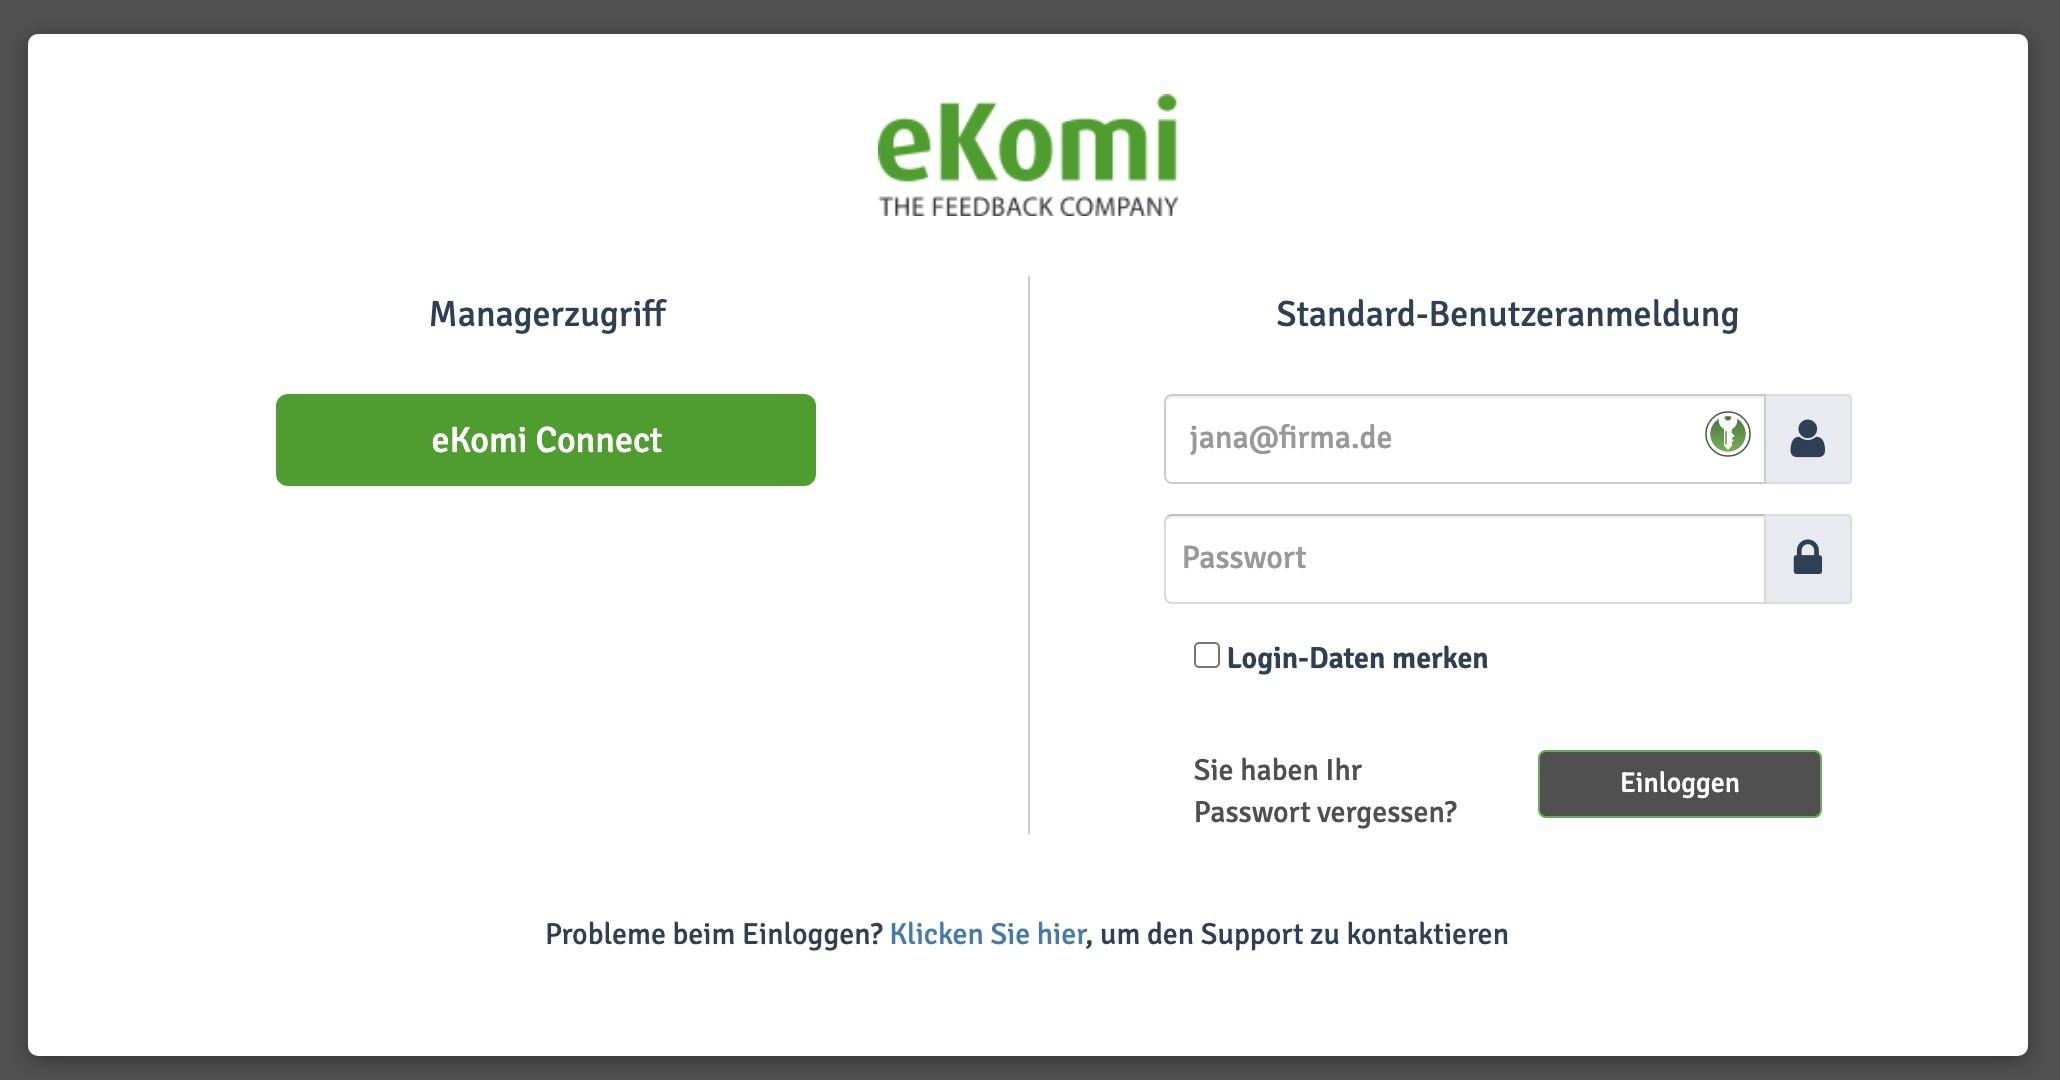 eKomi Badge einbinden - 1 - Manager Login